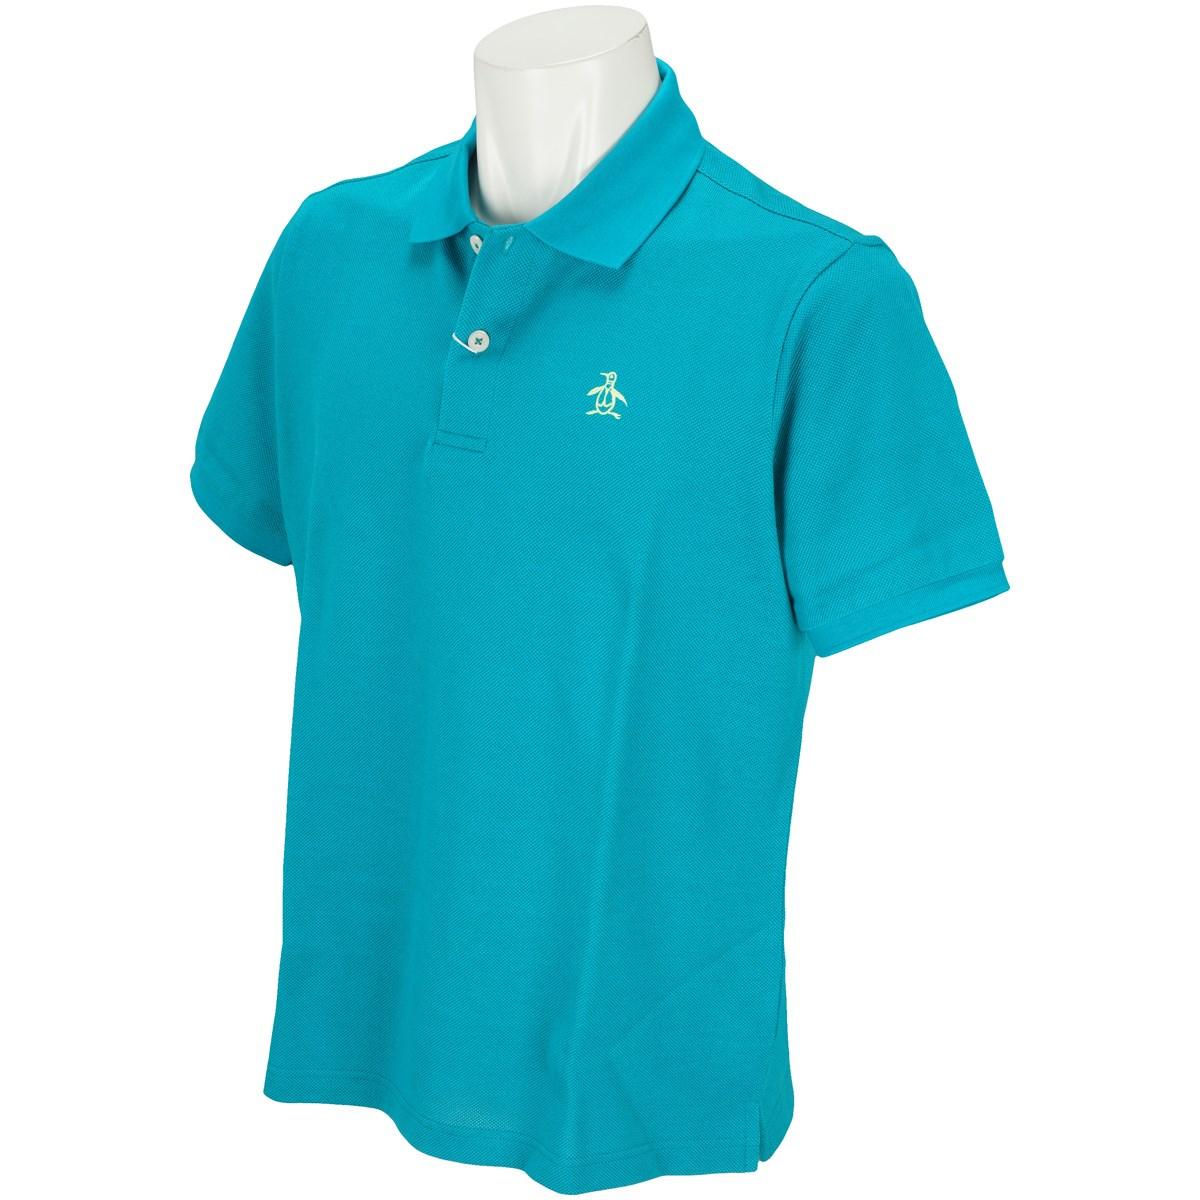 マンシングウェア Munsingwear ONE THING 半袖ポロシャツ L ターコイズ E458